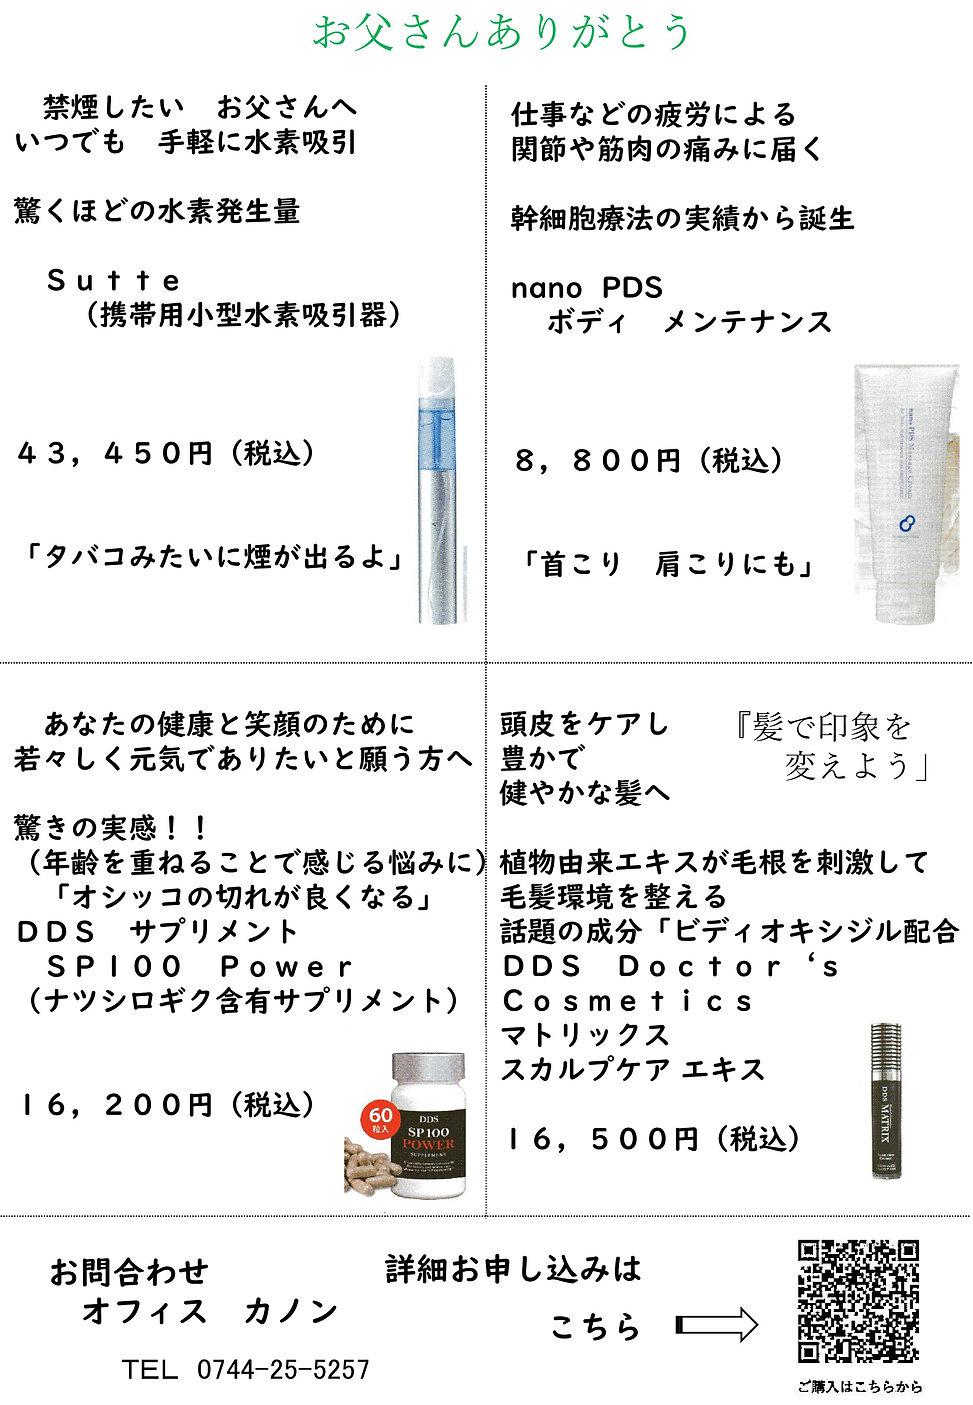 カノンニュース2020.06月別紙.jpg